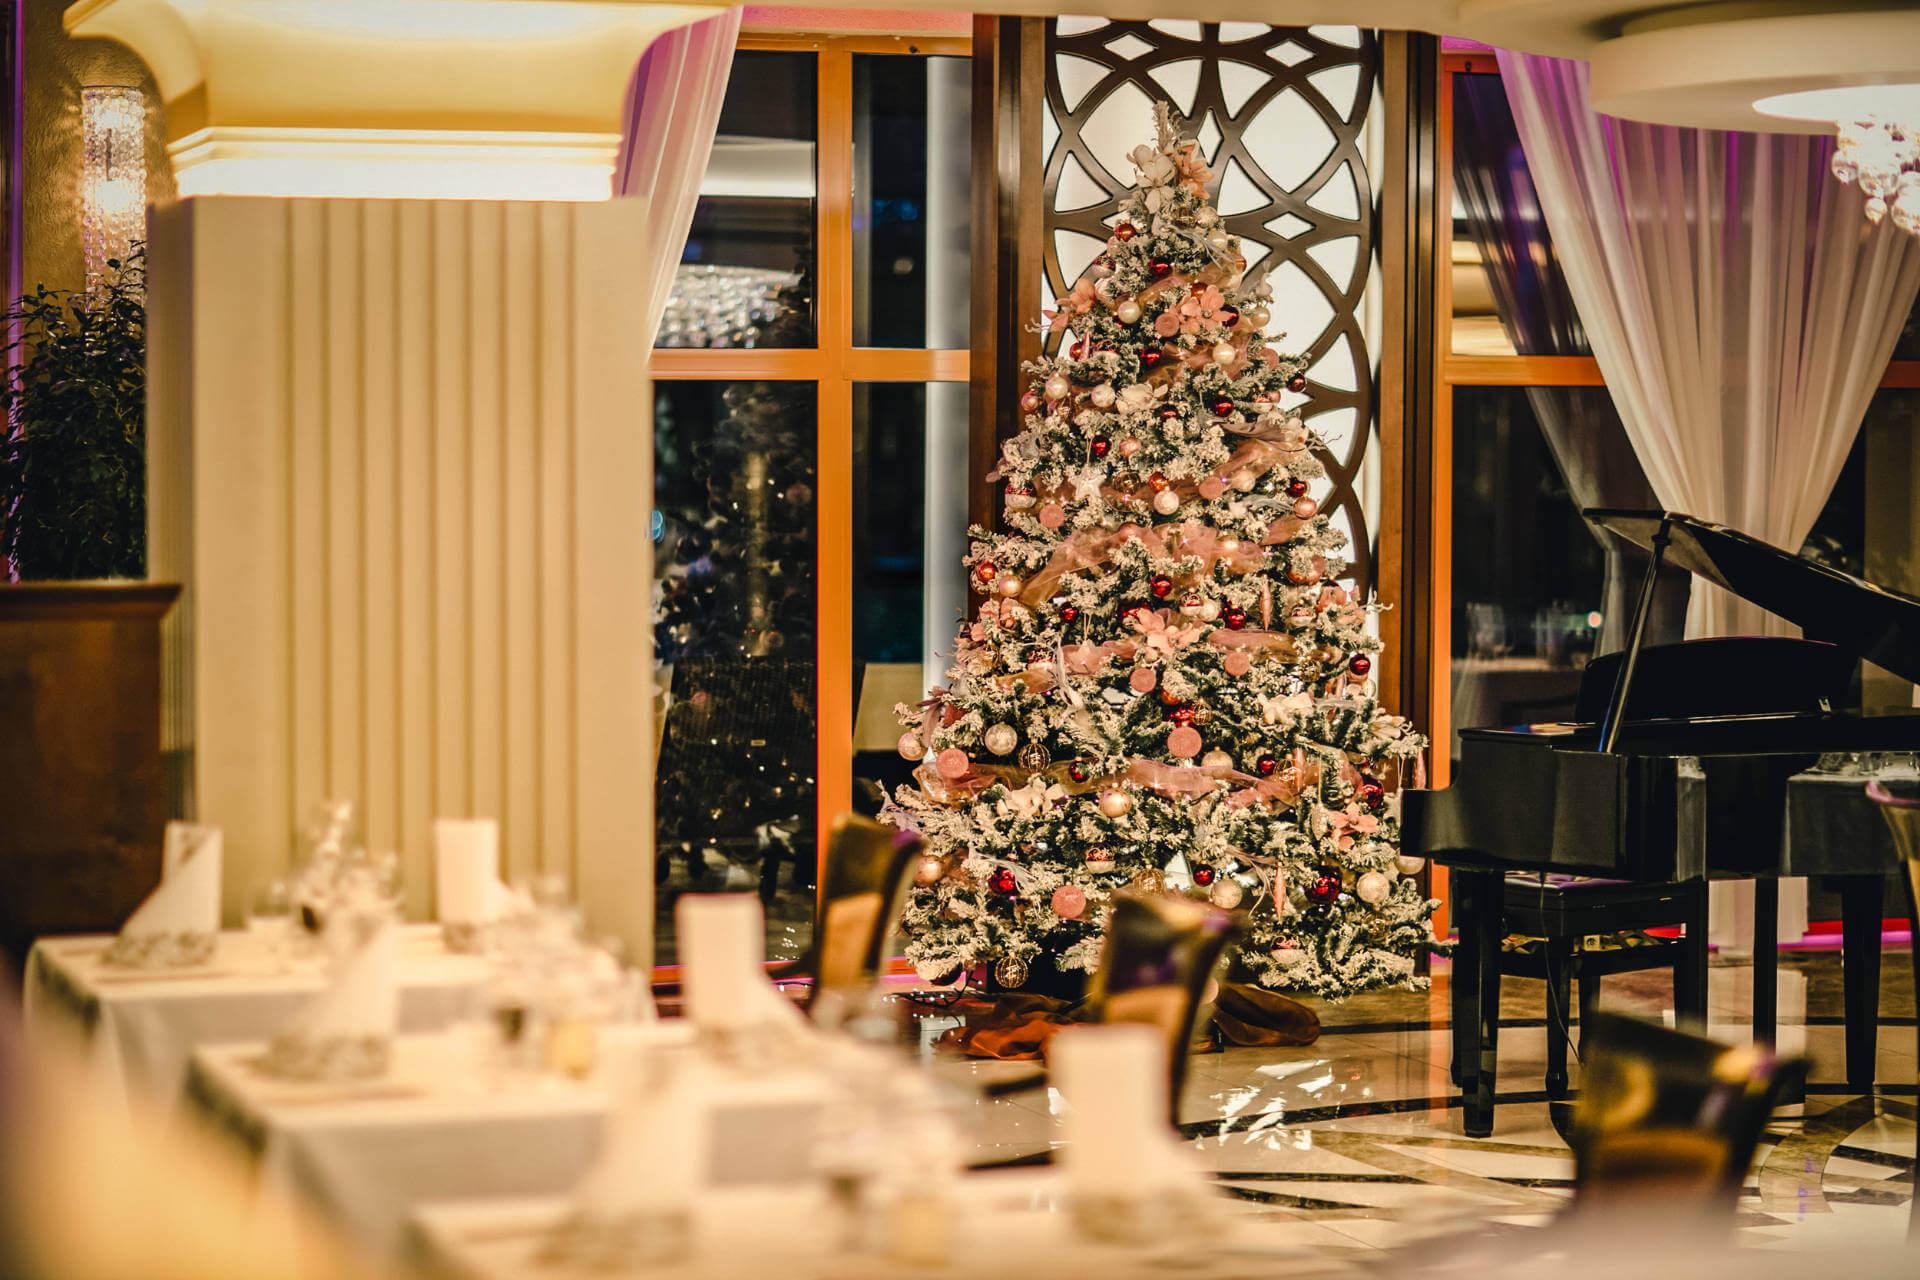 Hotelová reštaurácia Kaskady - vianočná výzdoba